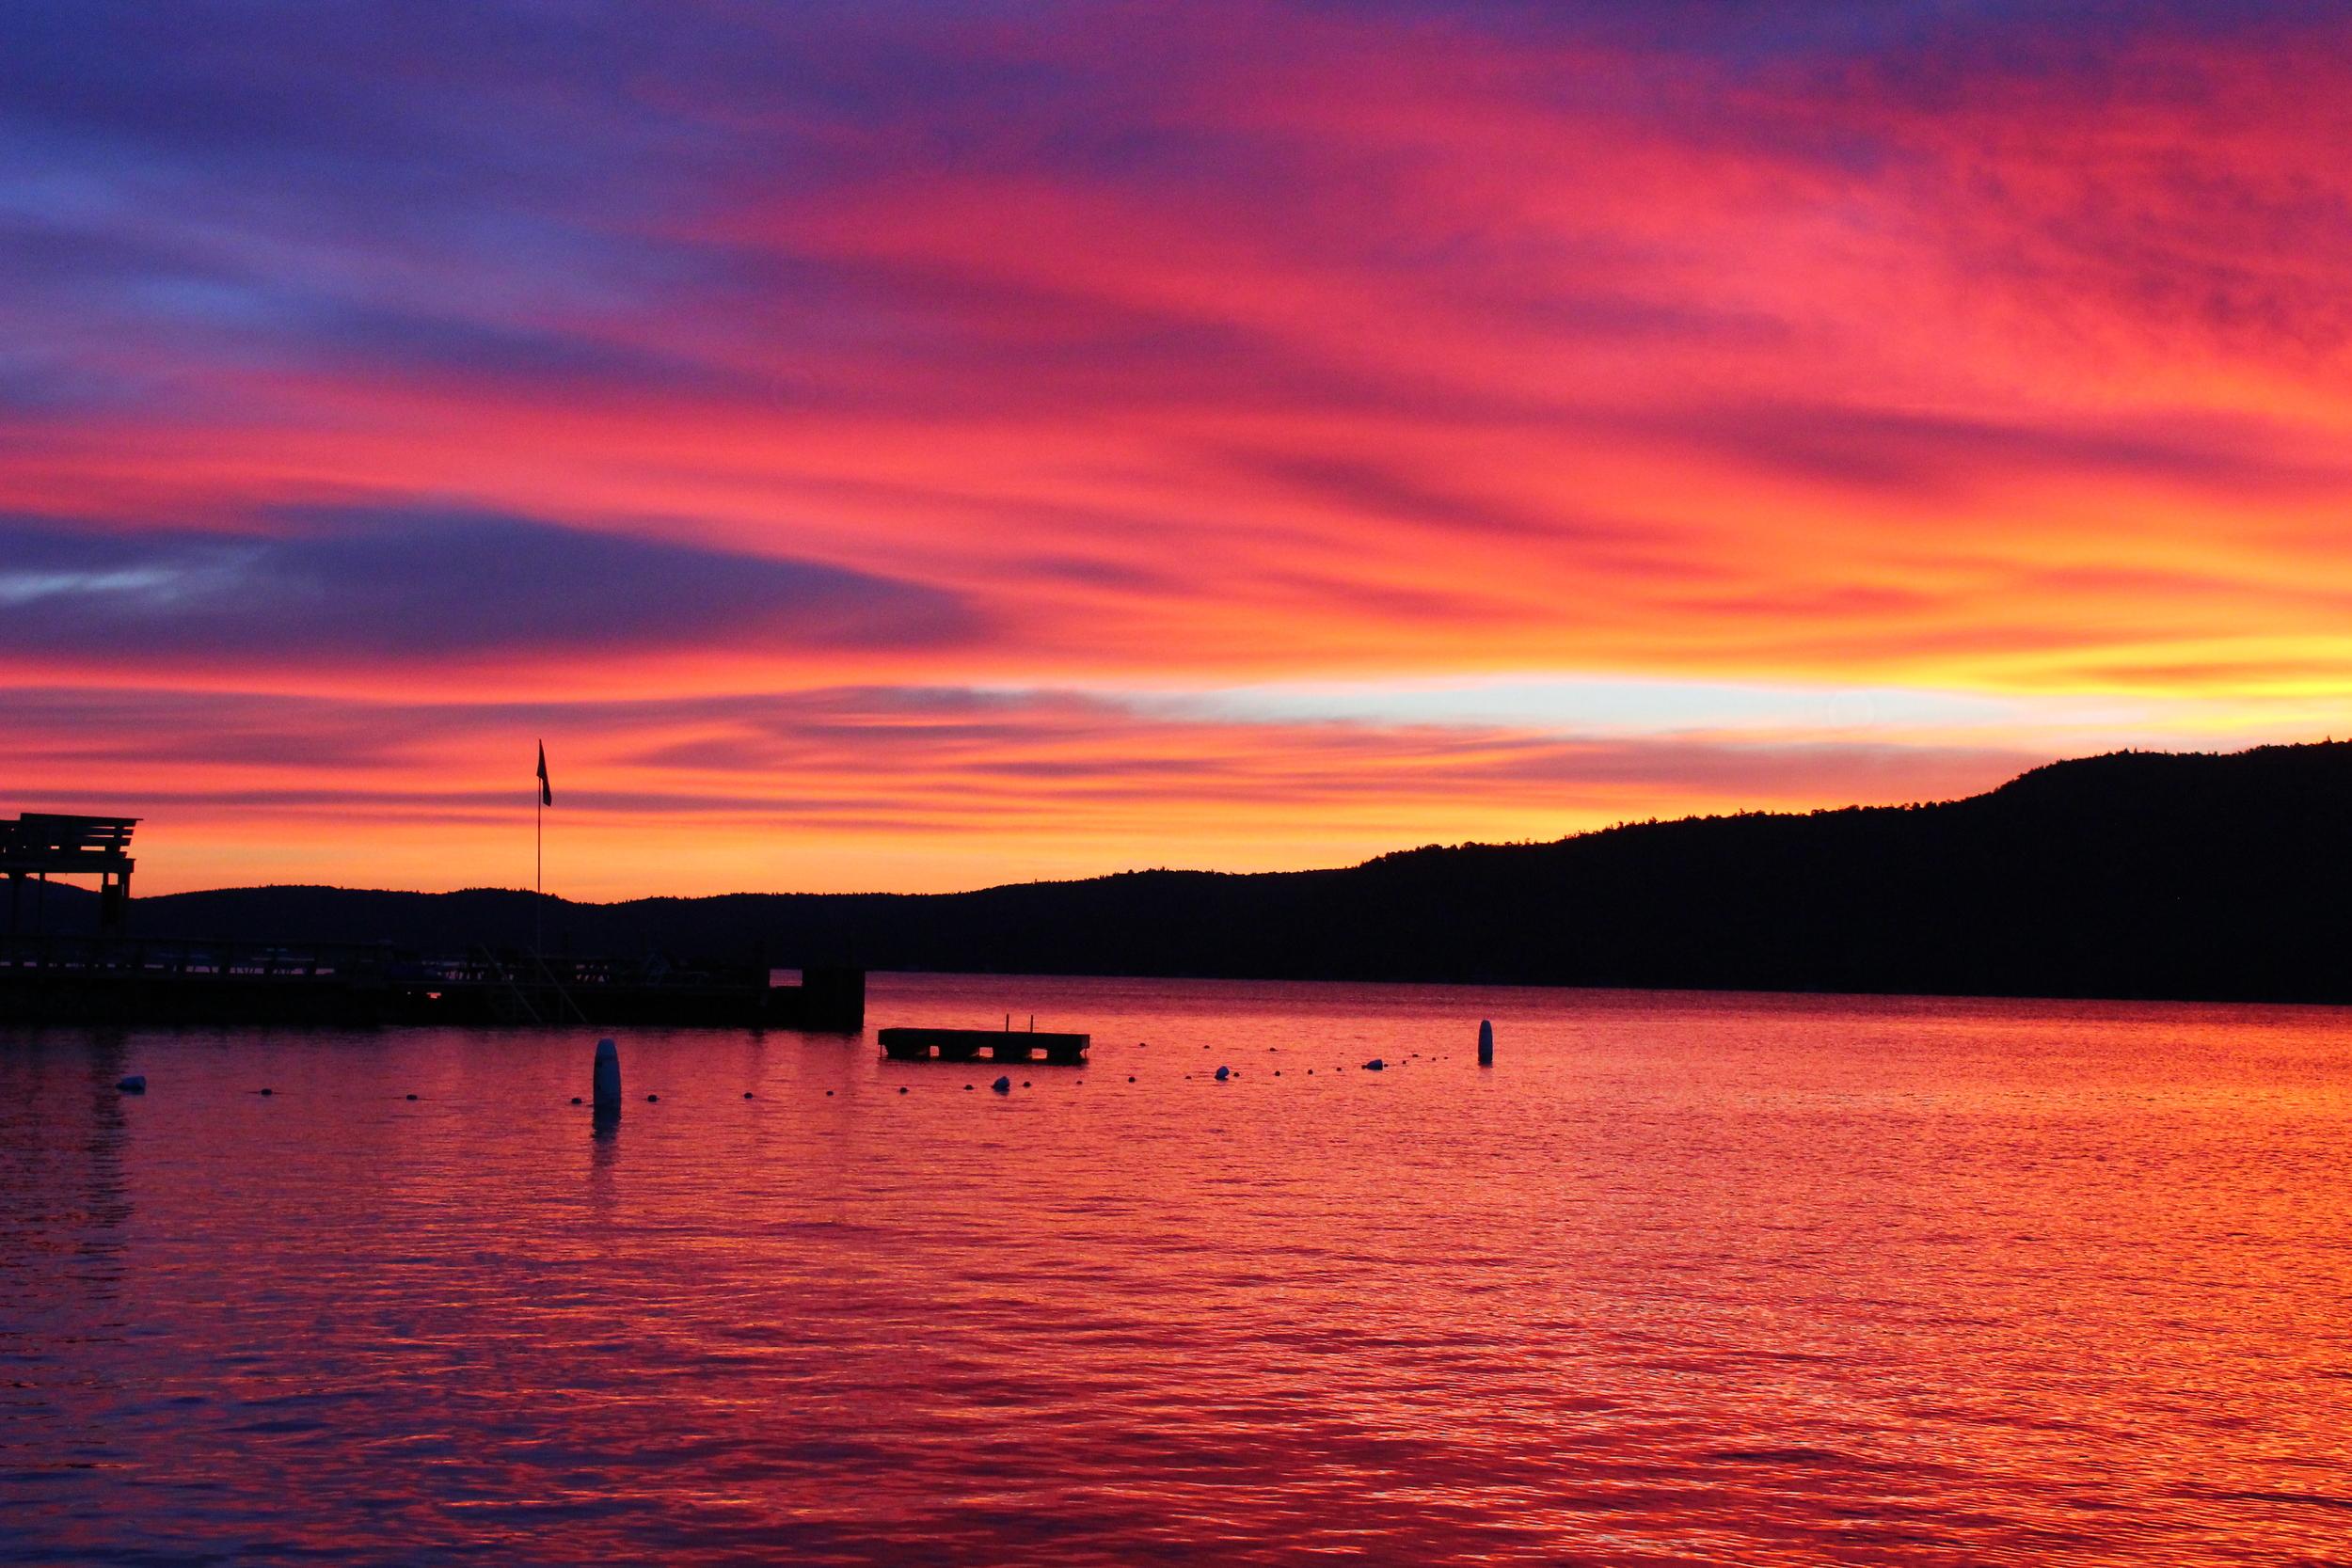 A Silver Bay sunrise!